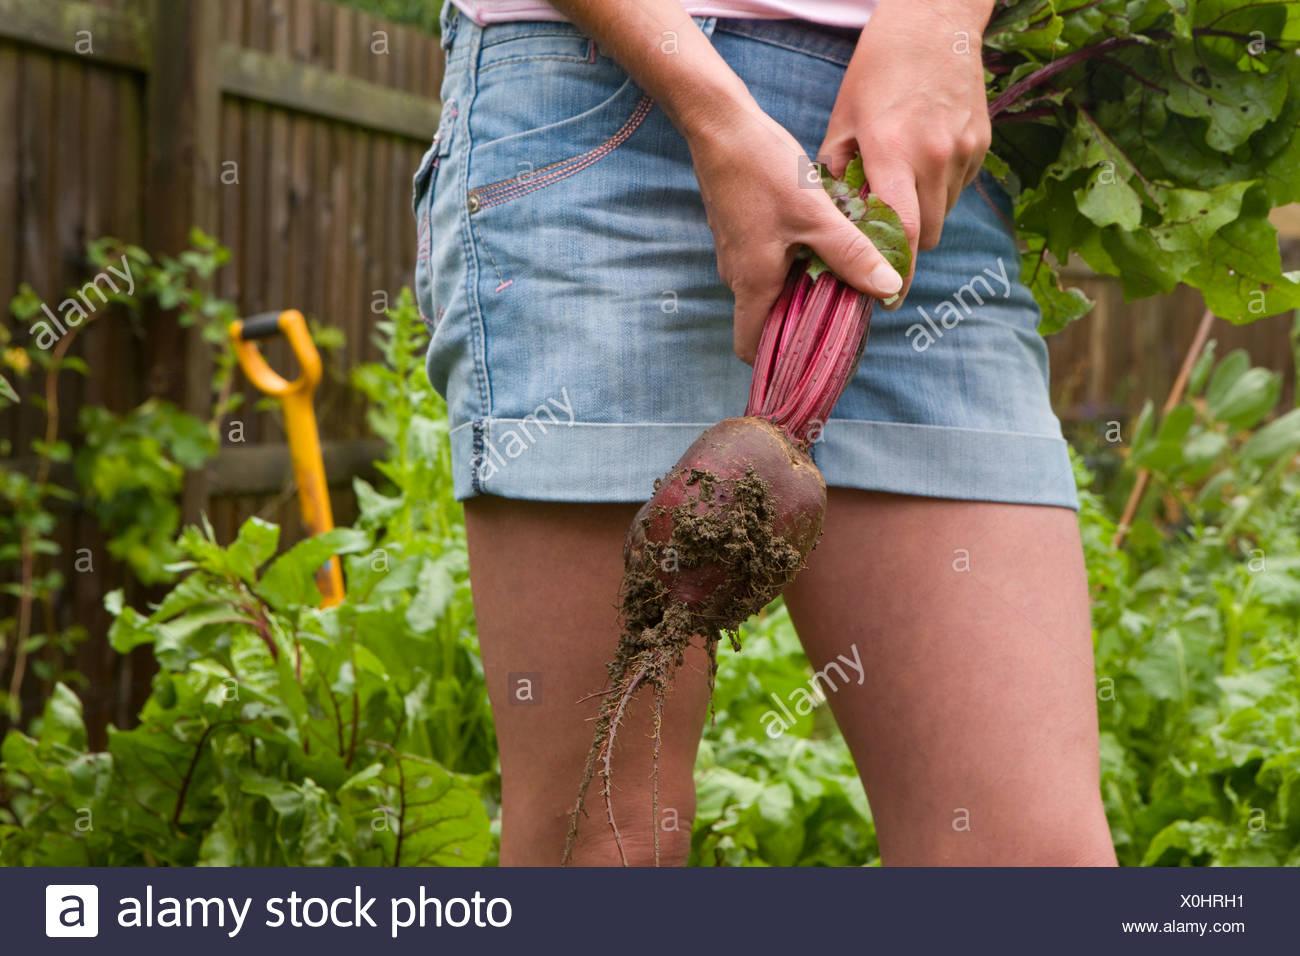 Donna raccolta barbabietole fresche da giardino Immagini Stock